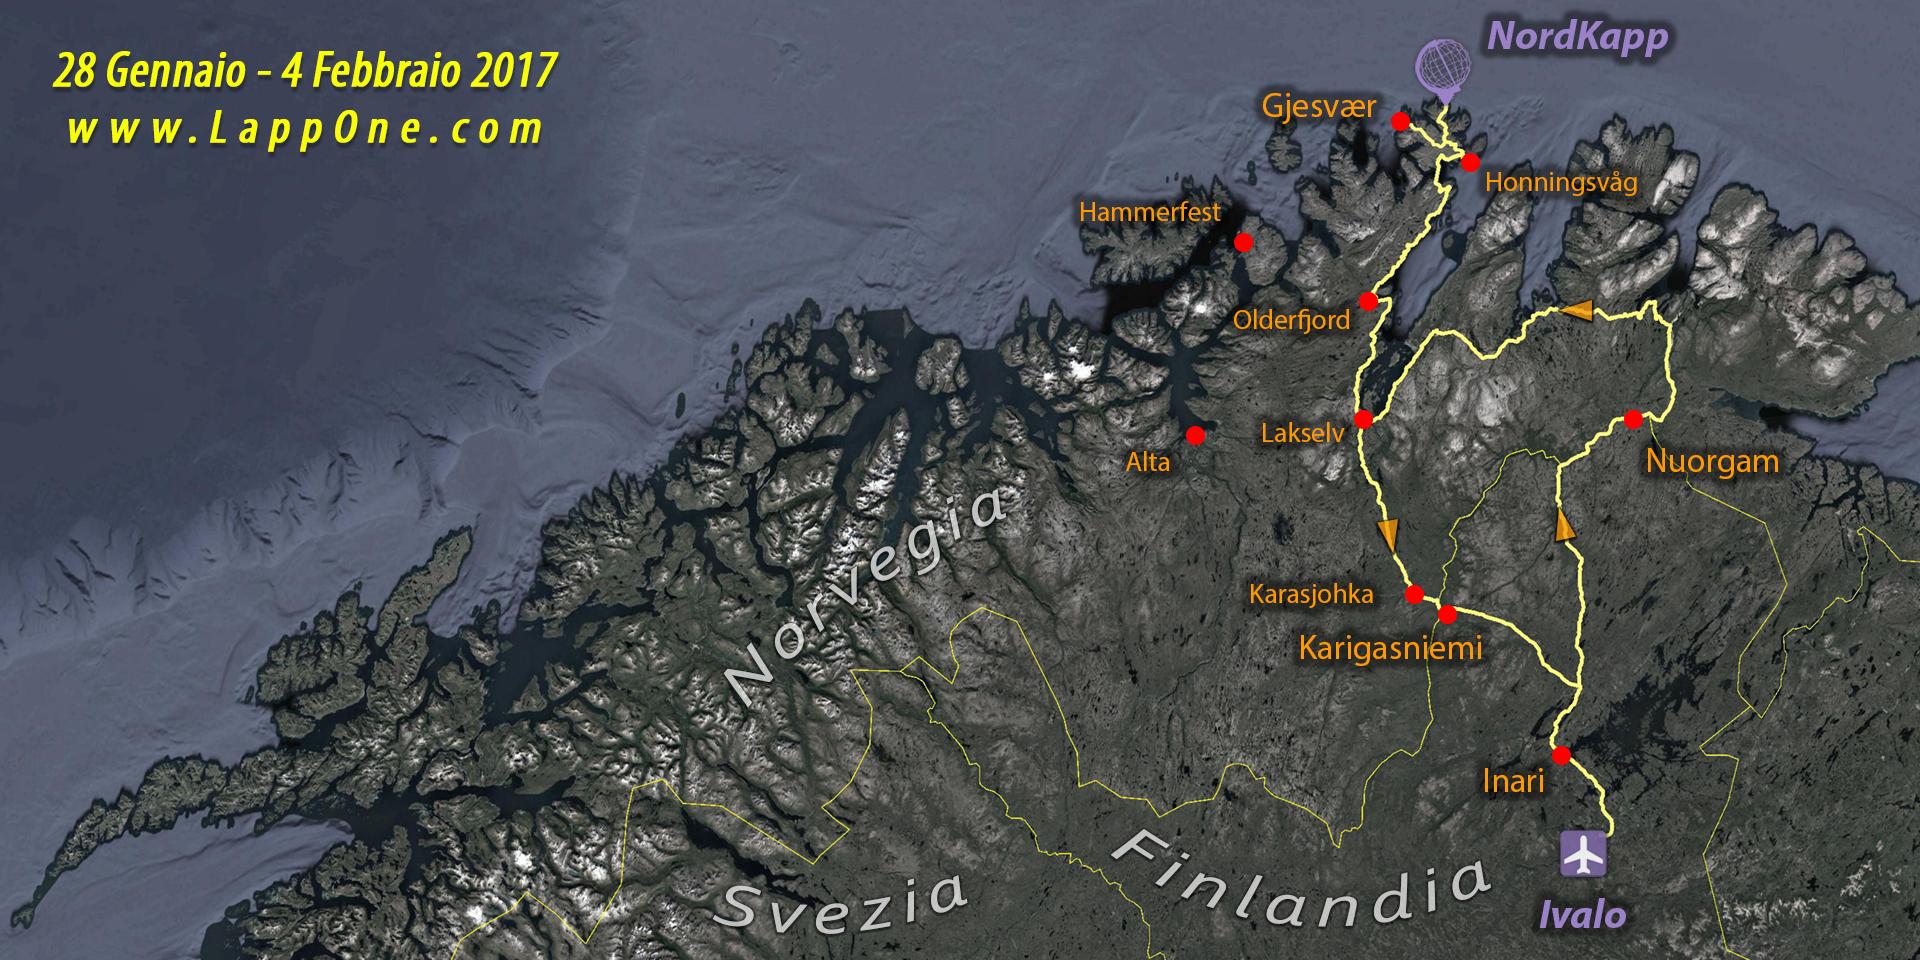 Viaggi di Gruppo  02_lappponia-e-caponord_28gen-4feb2017 [CONCLUSO] Lapponia dal 28 Gennaio al 4 Febbraio 2017